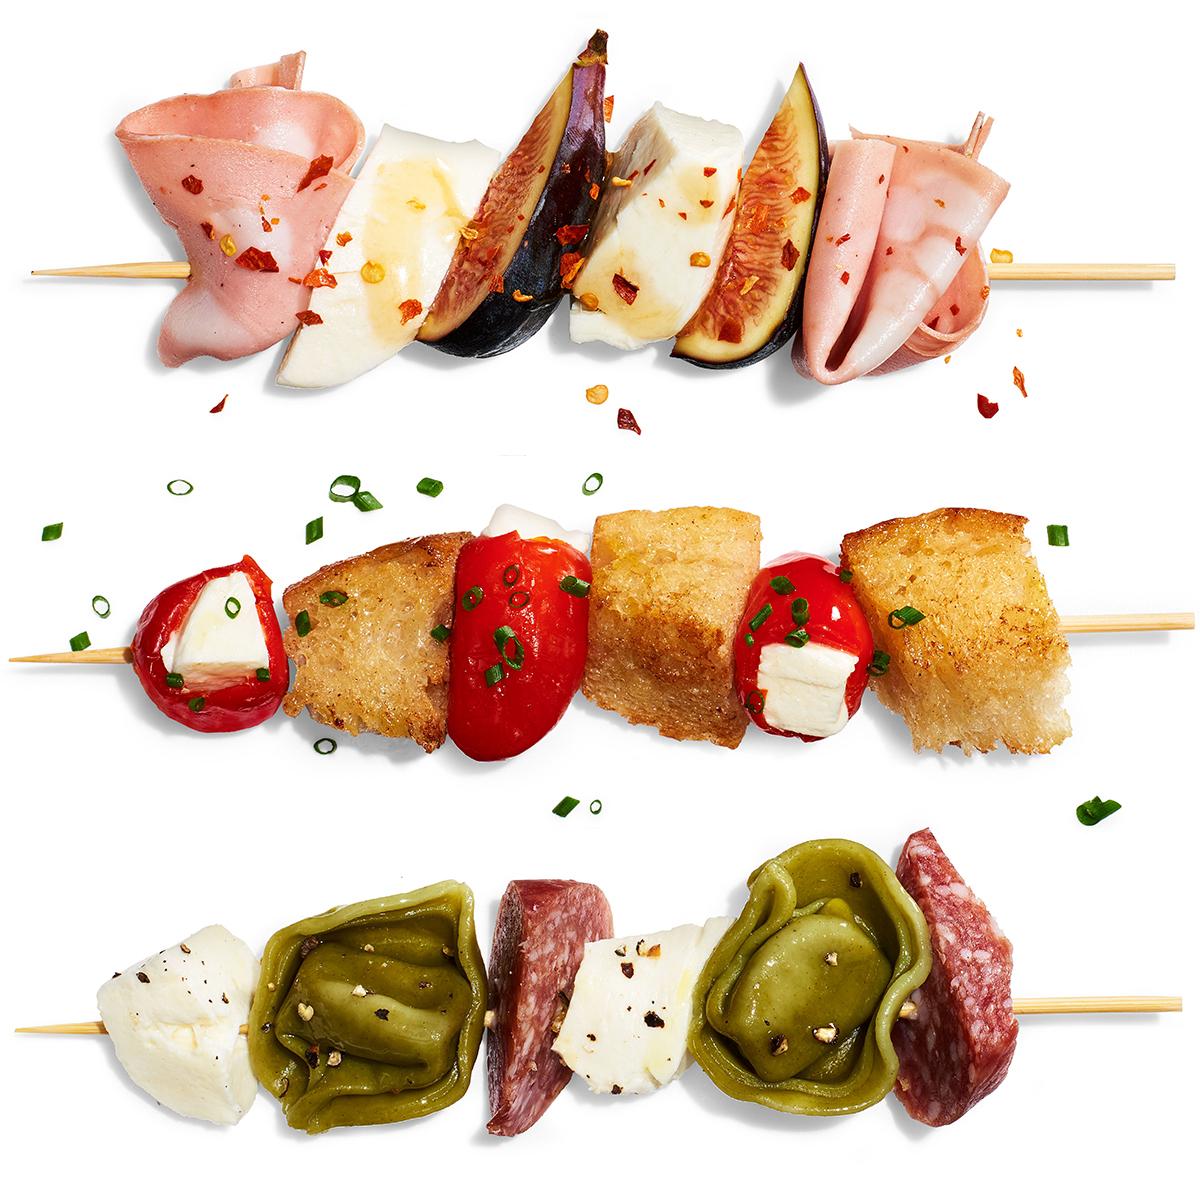 caprese salads on sticks